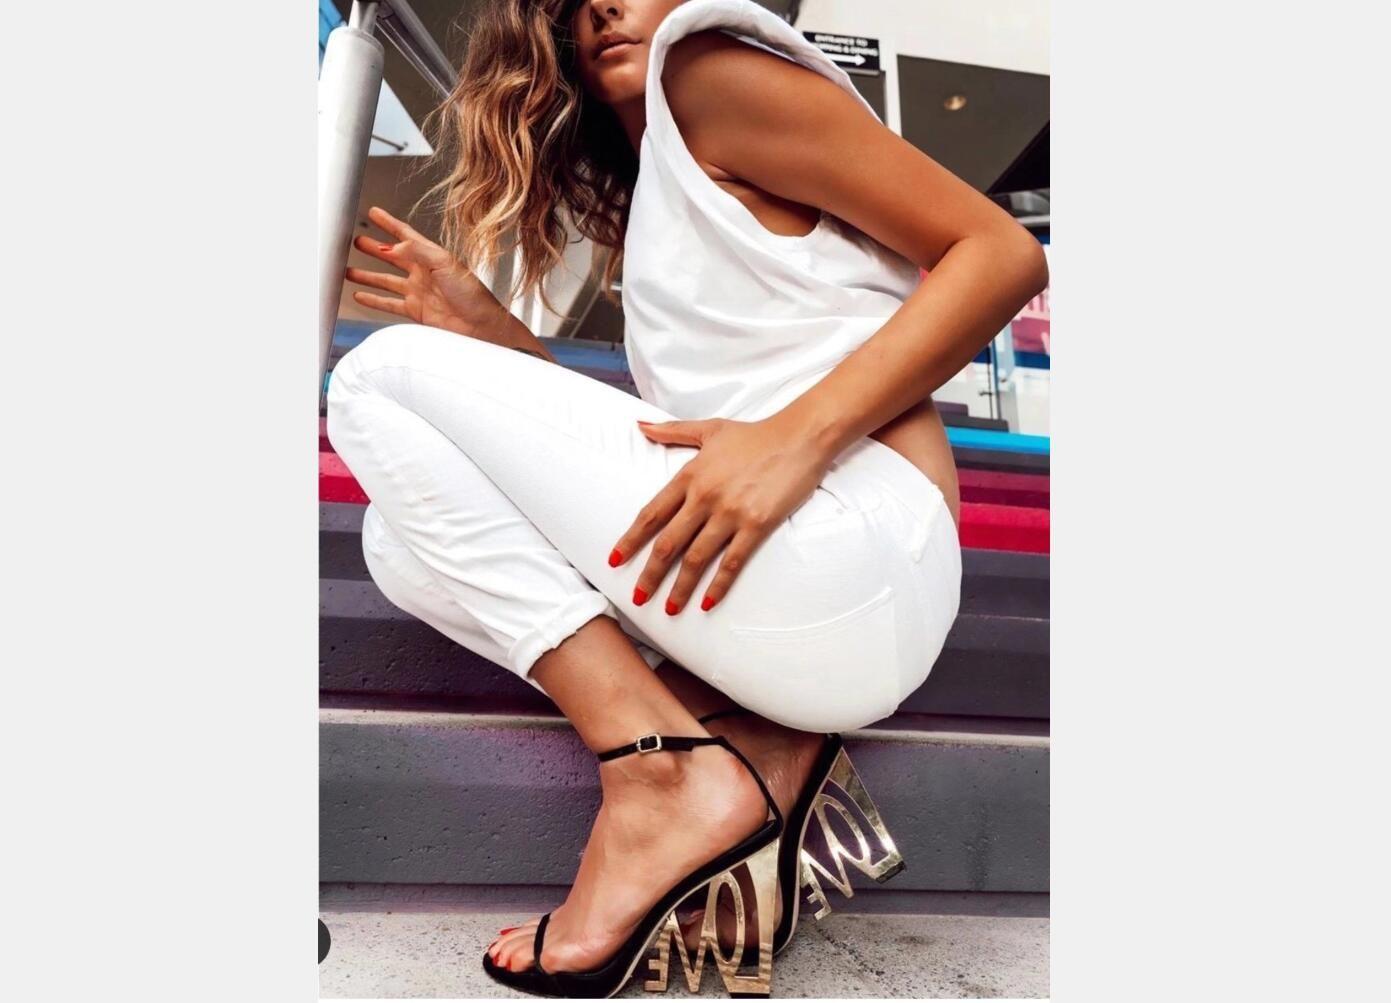 Mode Frauen Metall Heels Sandaletten 2020 Wölbungs-Bügel-Stilett-Absatz-Brief Ferse Sandalen Sexy Frau Partei Schuh Hochzeit im Sommer Sandalen